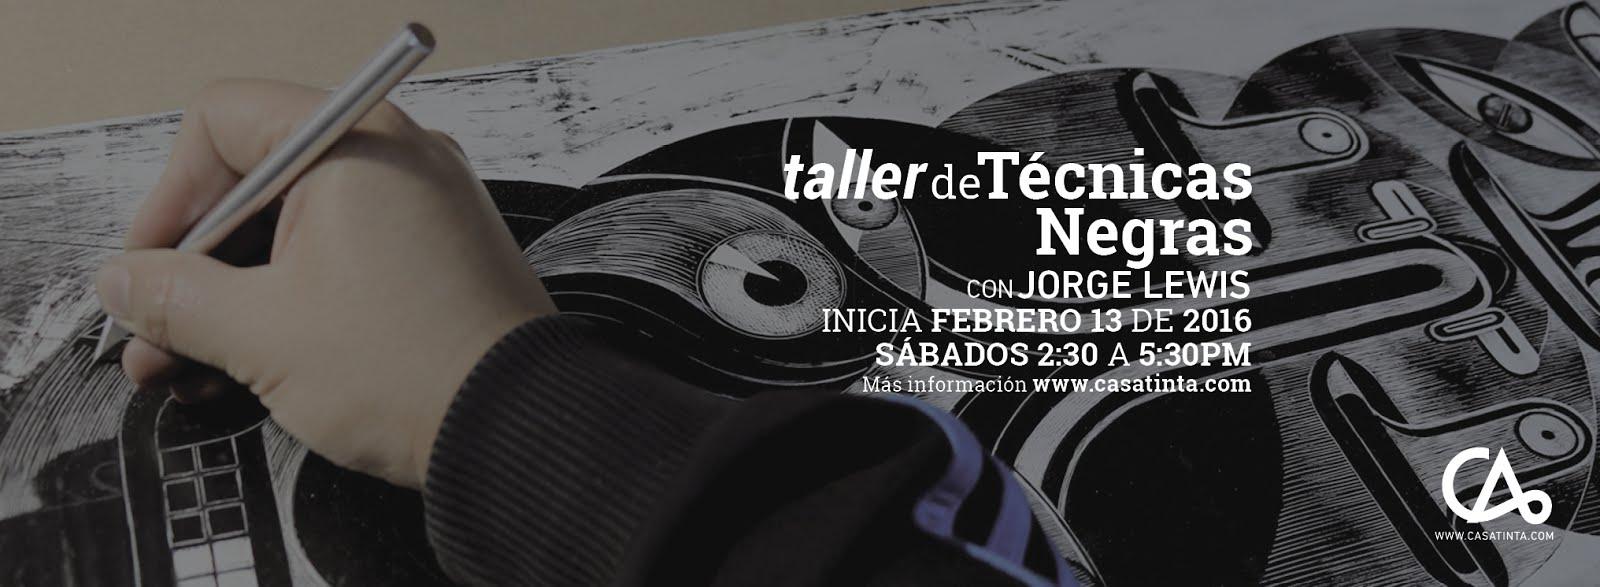 TALLER de TÉCNICAS NEGRAS